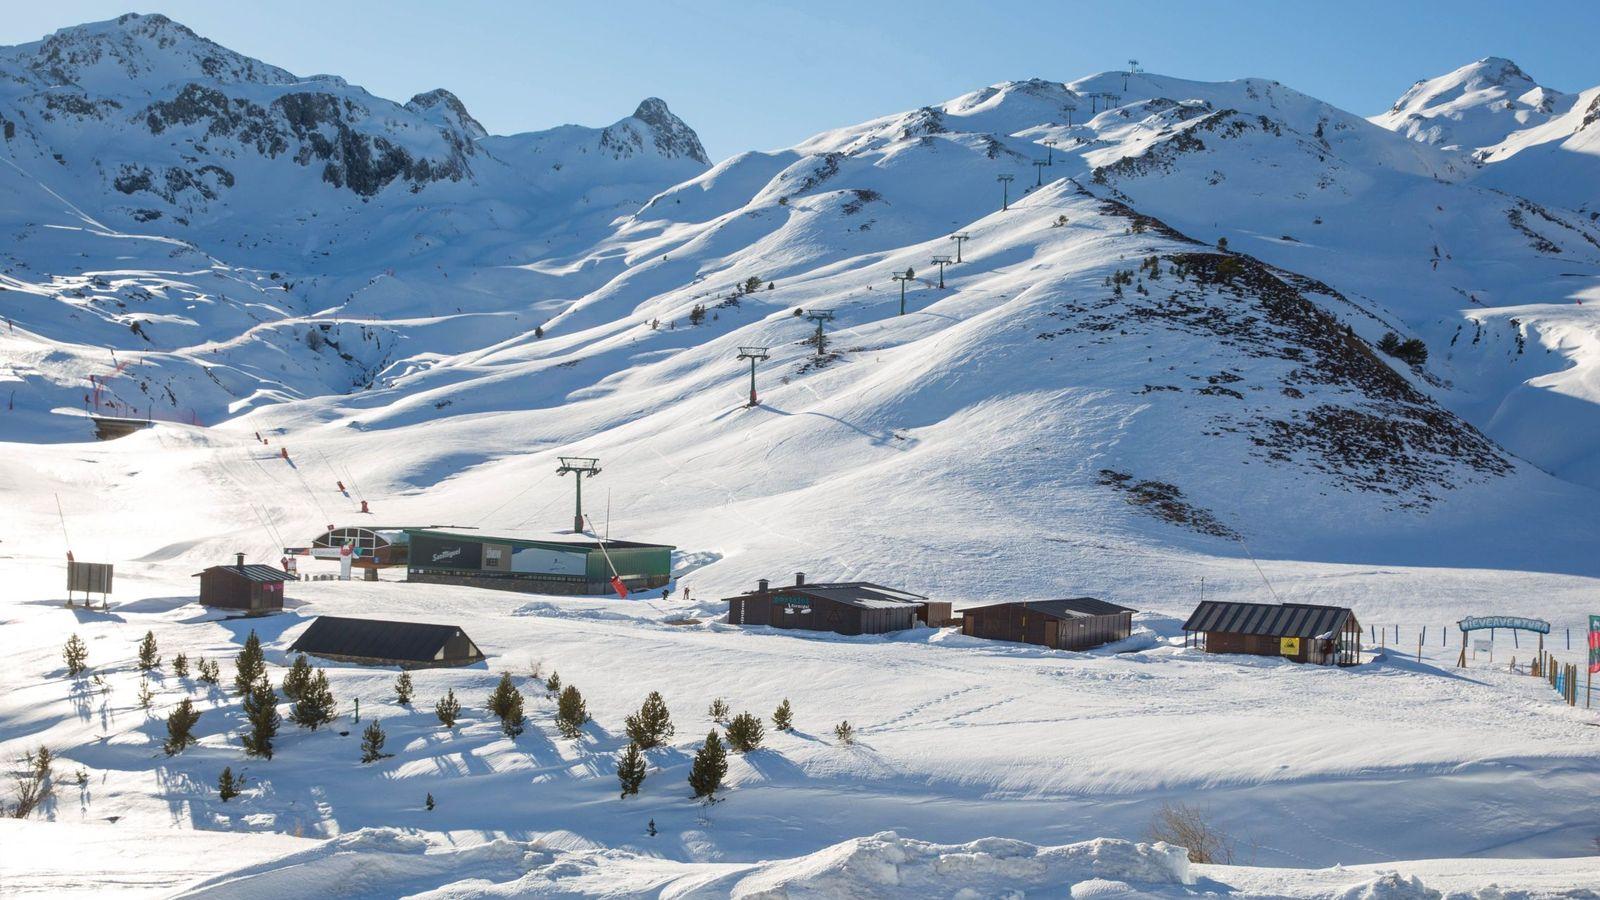 Estaciones De Esquí Sos Pirineo El Cierre De Las Pistas De Esquí Amenaza El 7 Del Pib De Aragón